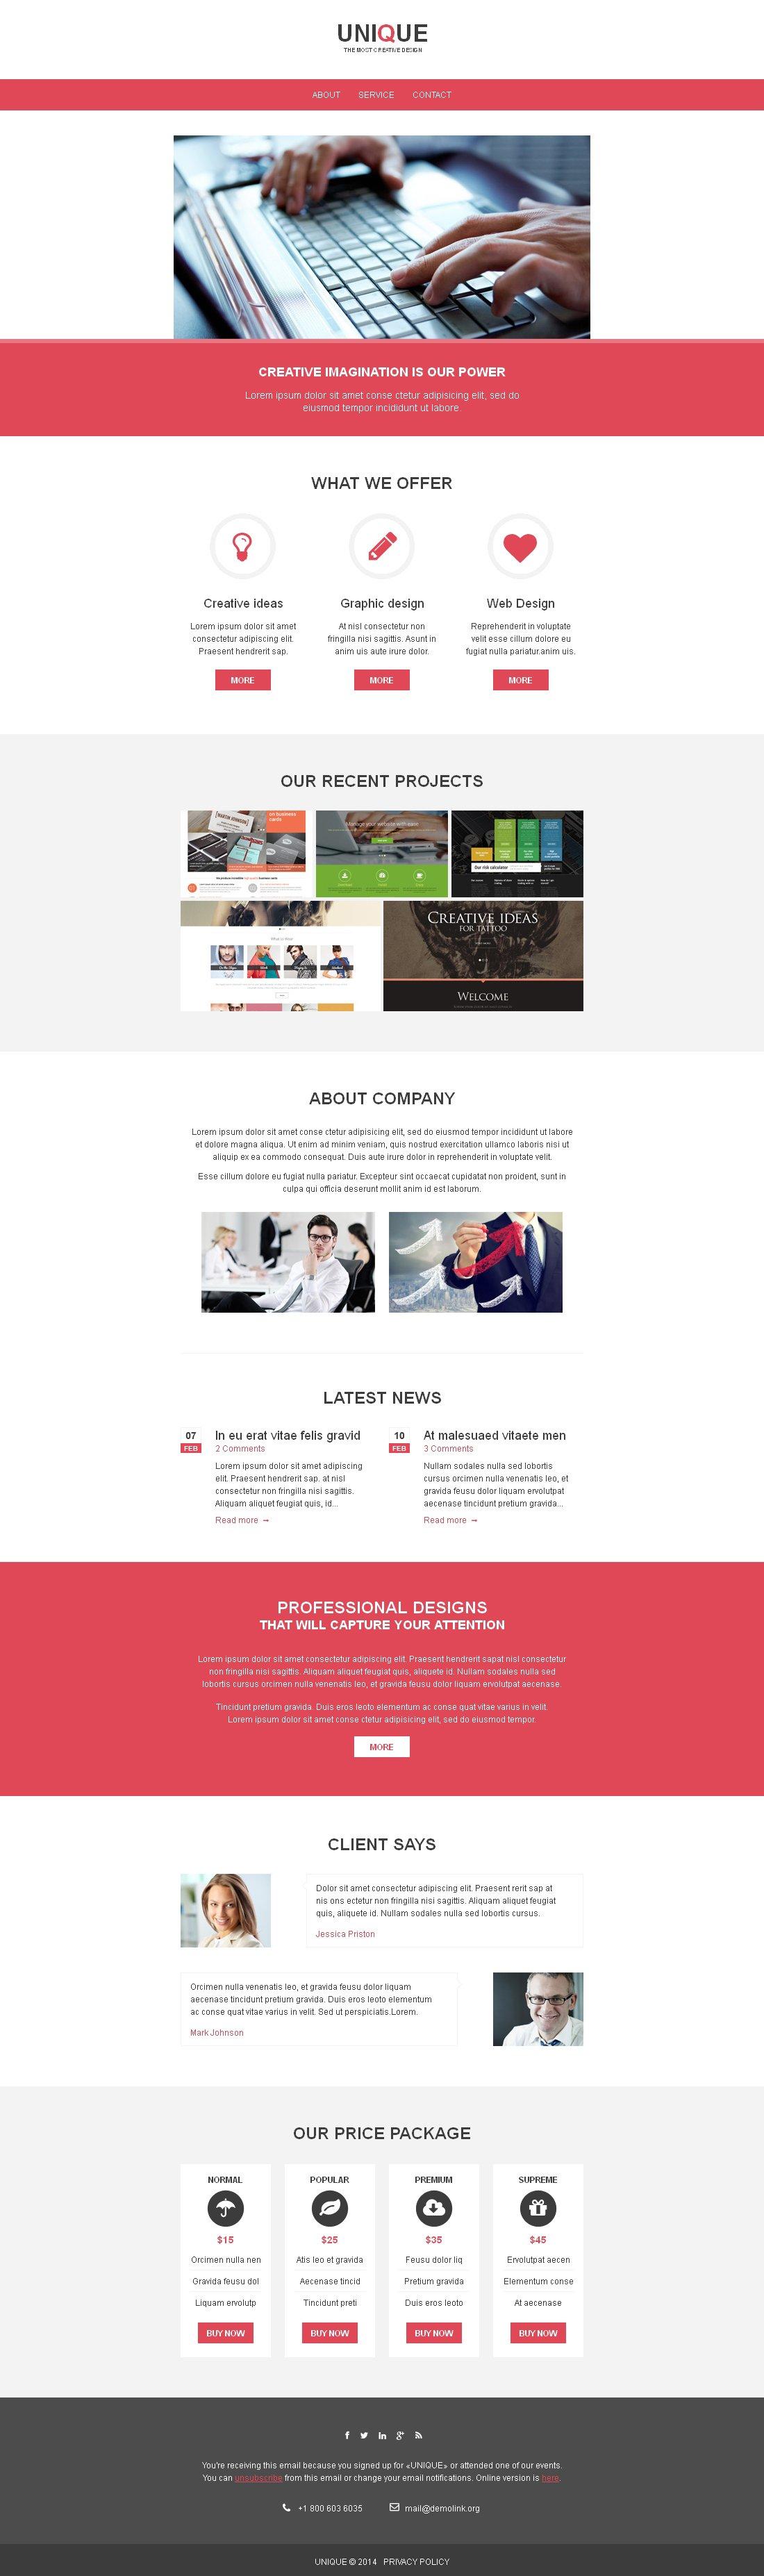 Template de Newsletter Flexível para Sites de Estúdio de Design №49267